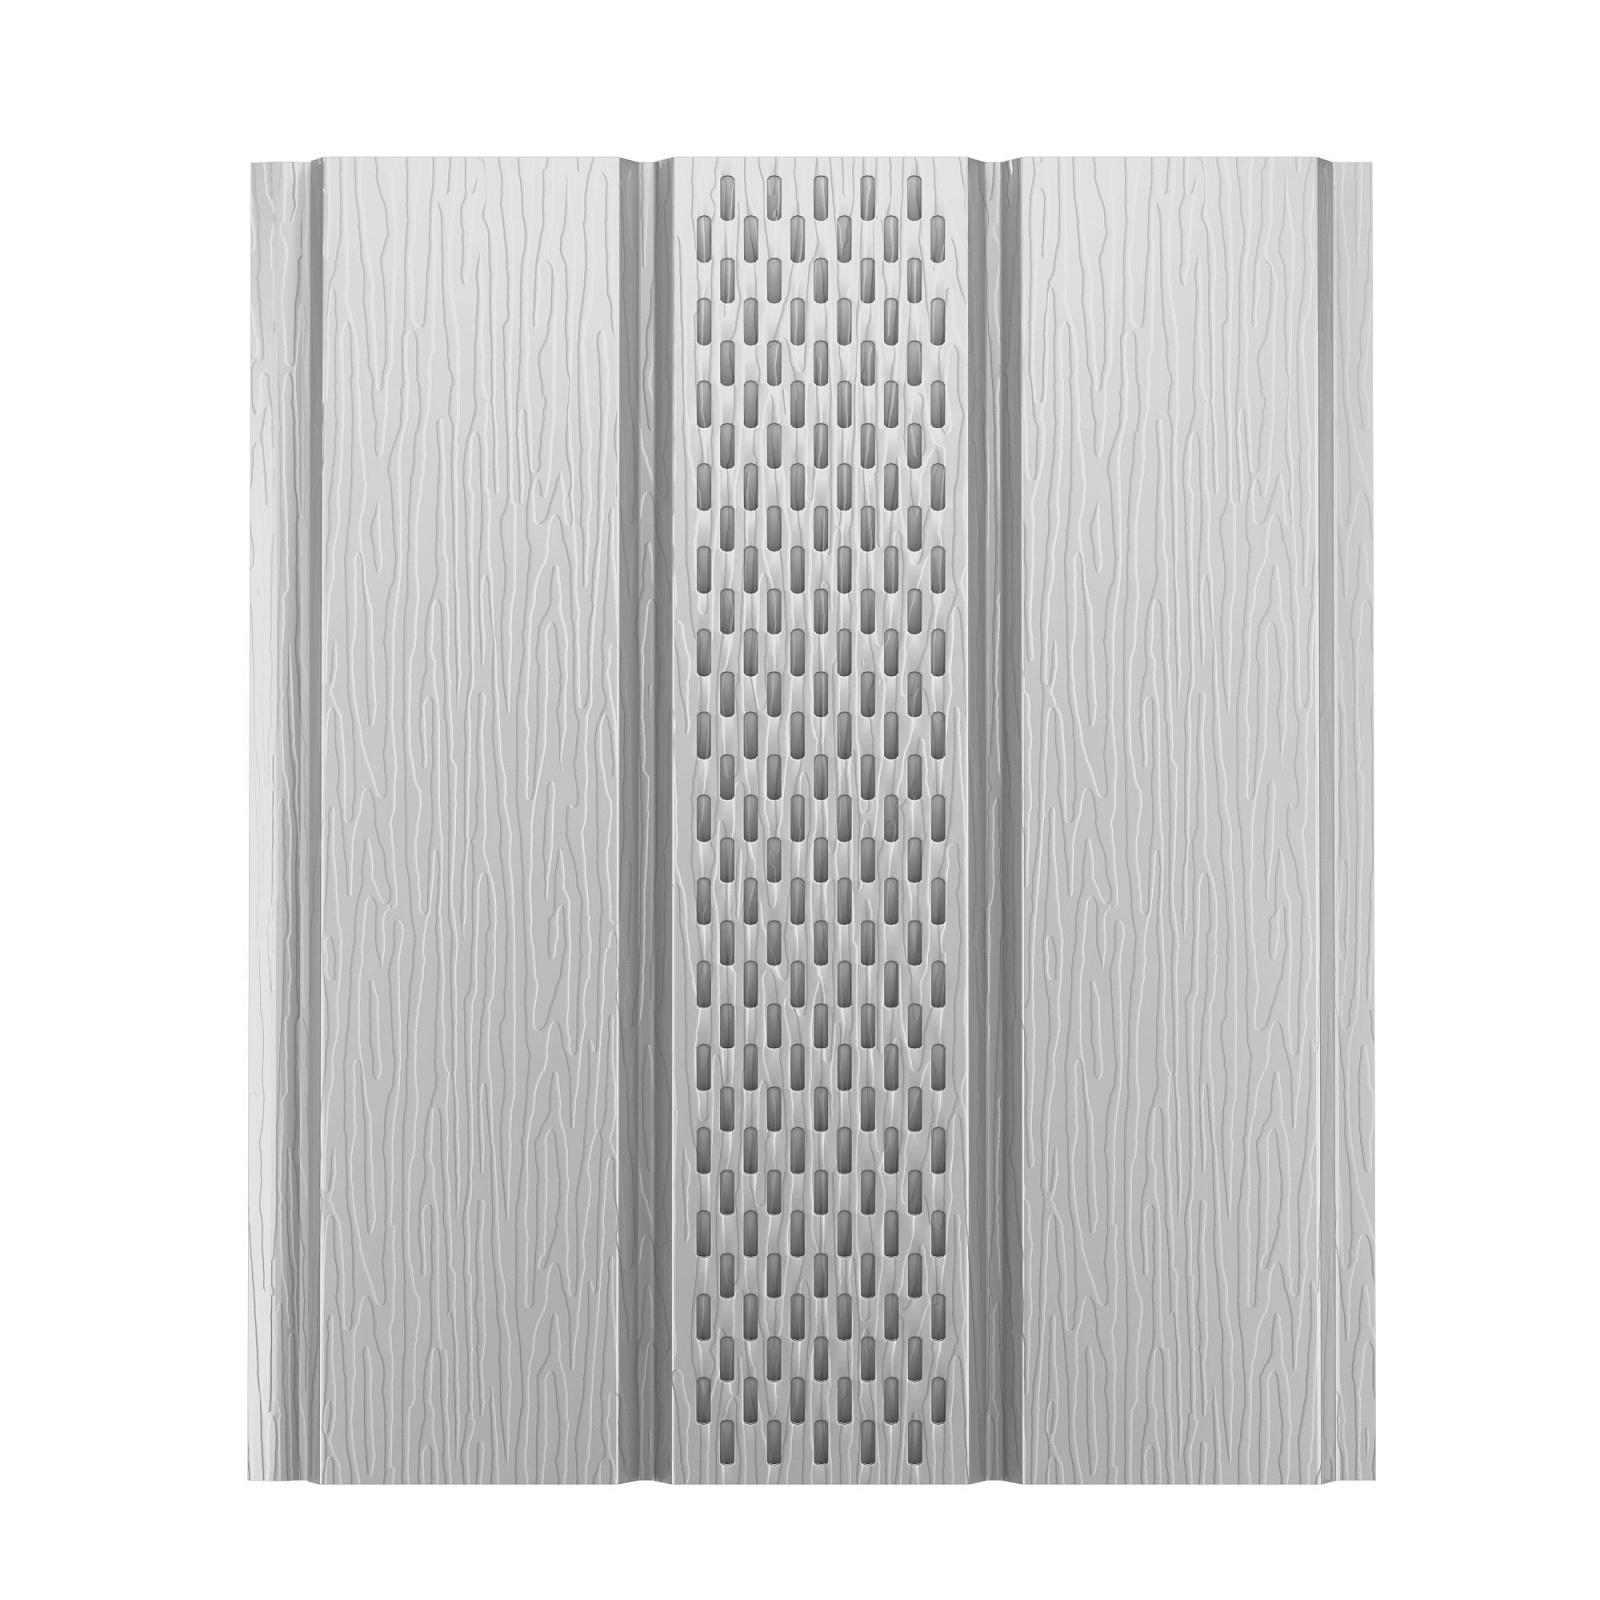 Софит алюминиевый с центральной перфорацией Aquasystem Polyester, 2,4 м RR 20